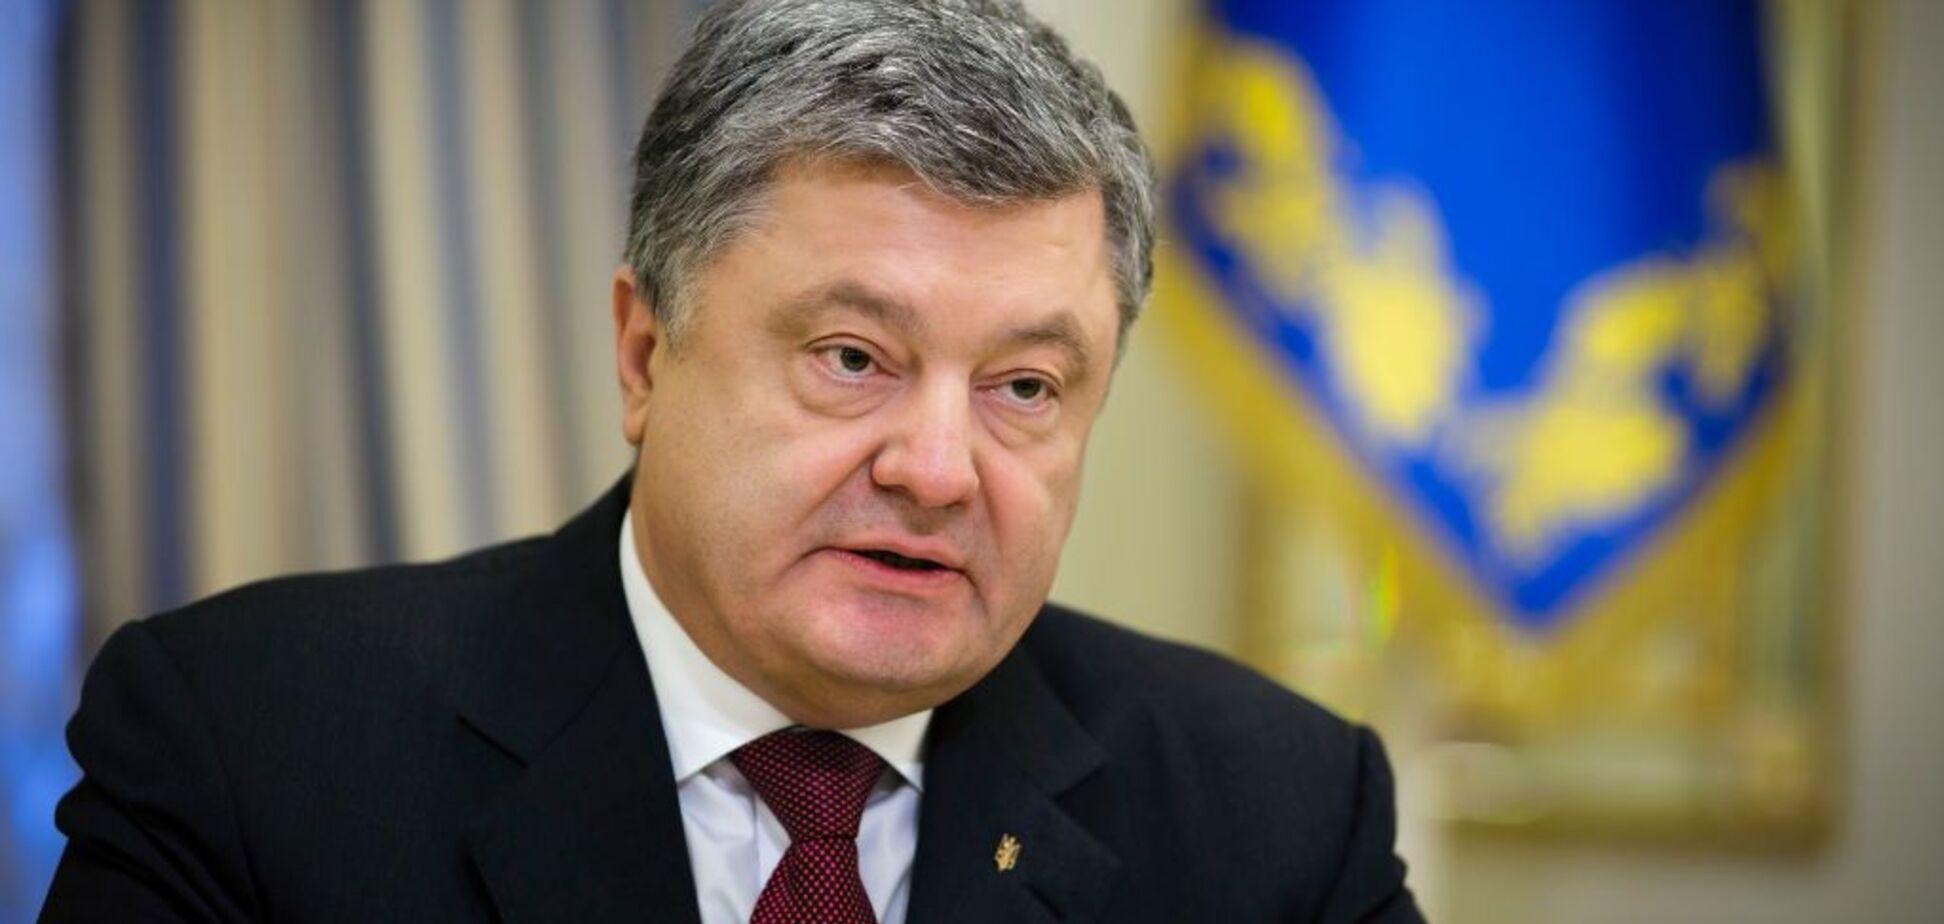 Більшість українців впевнені в перемозі Порошенка – опитування